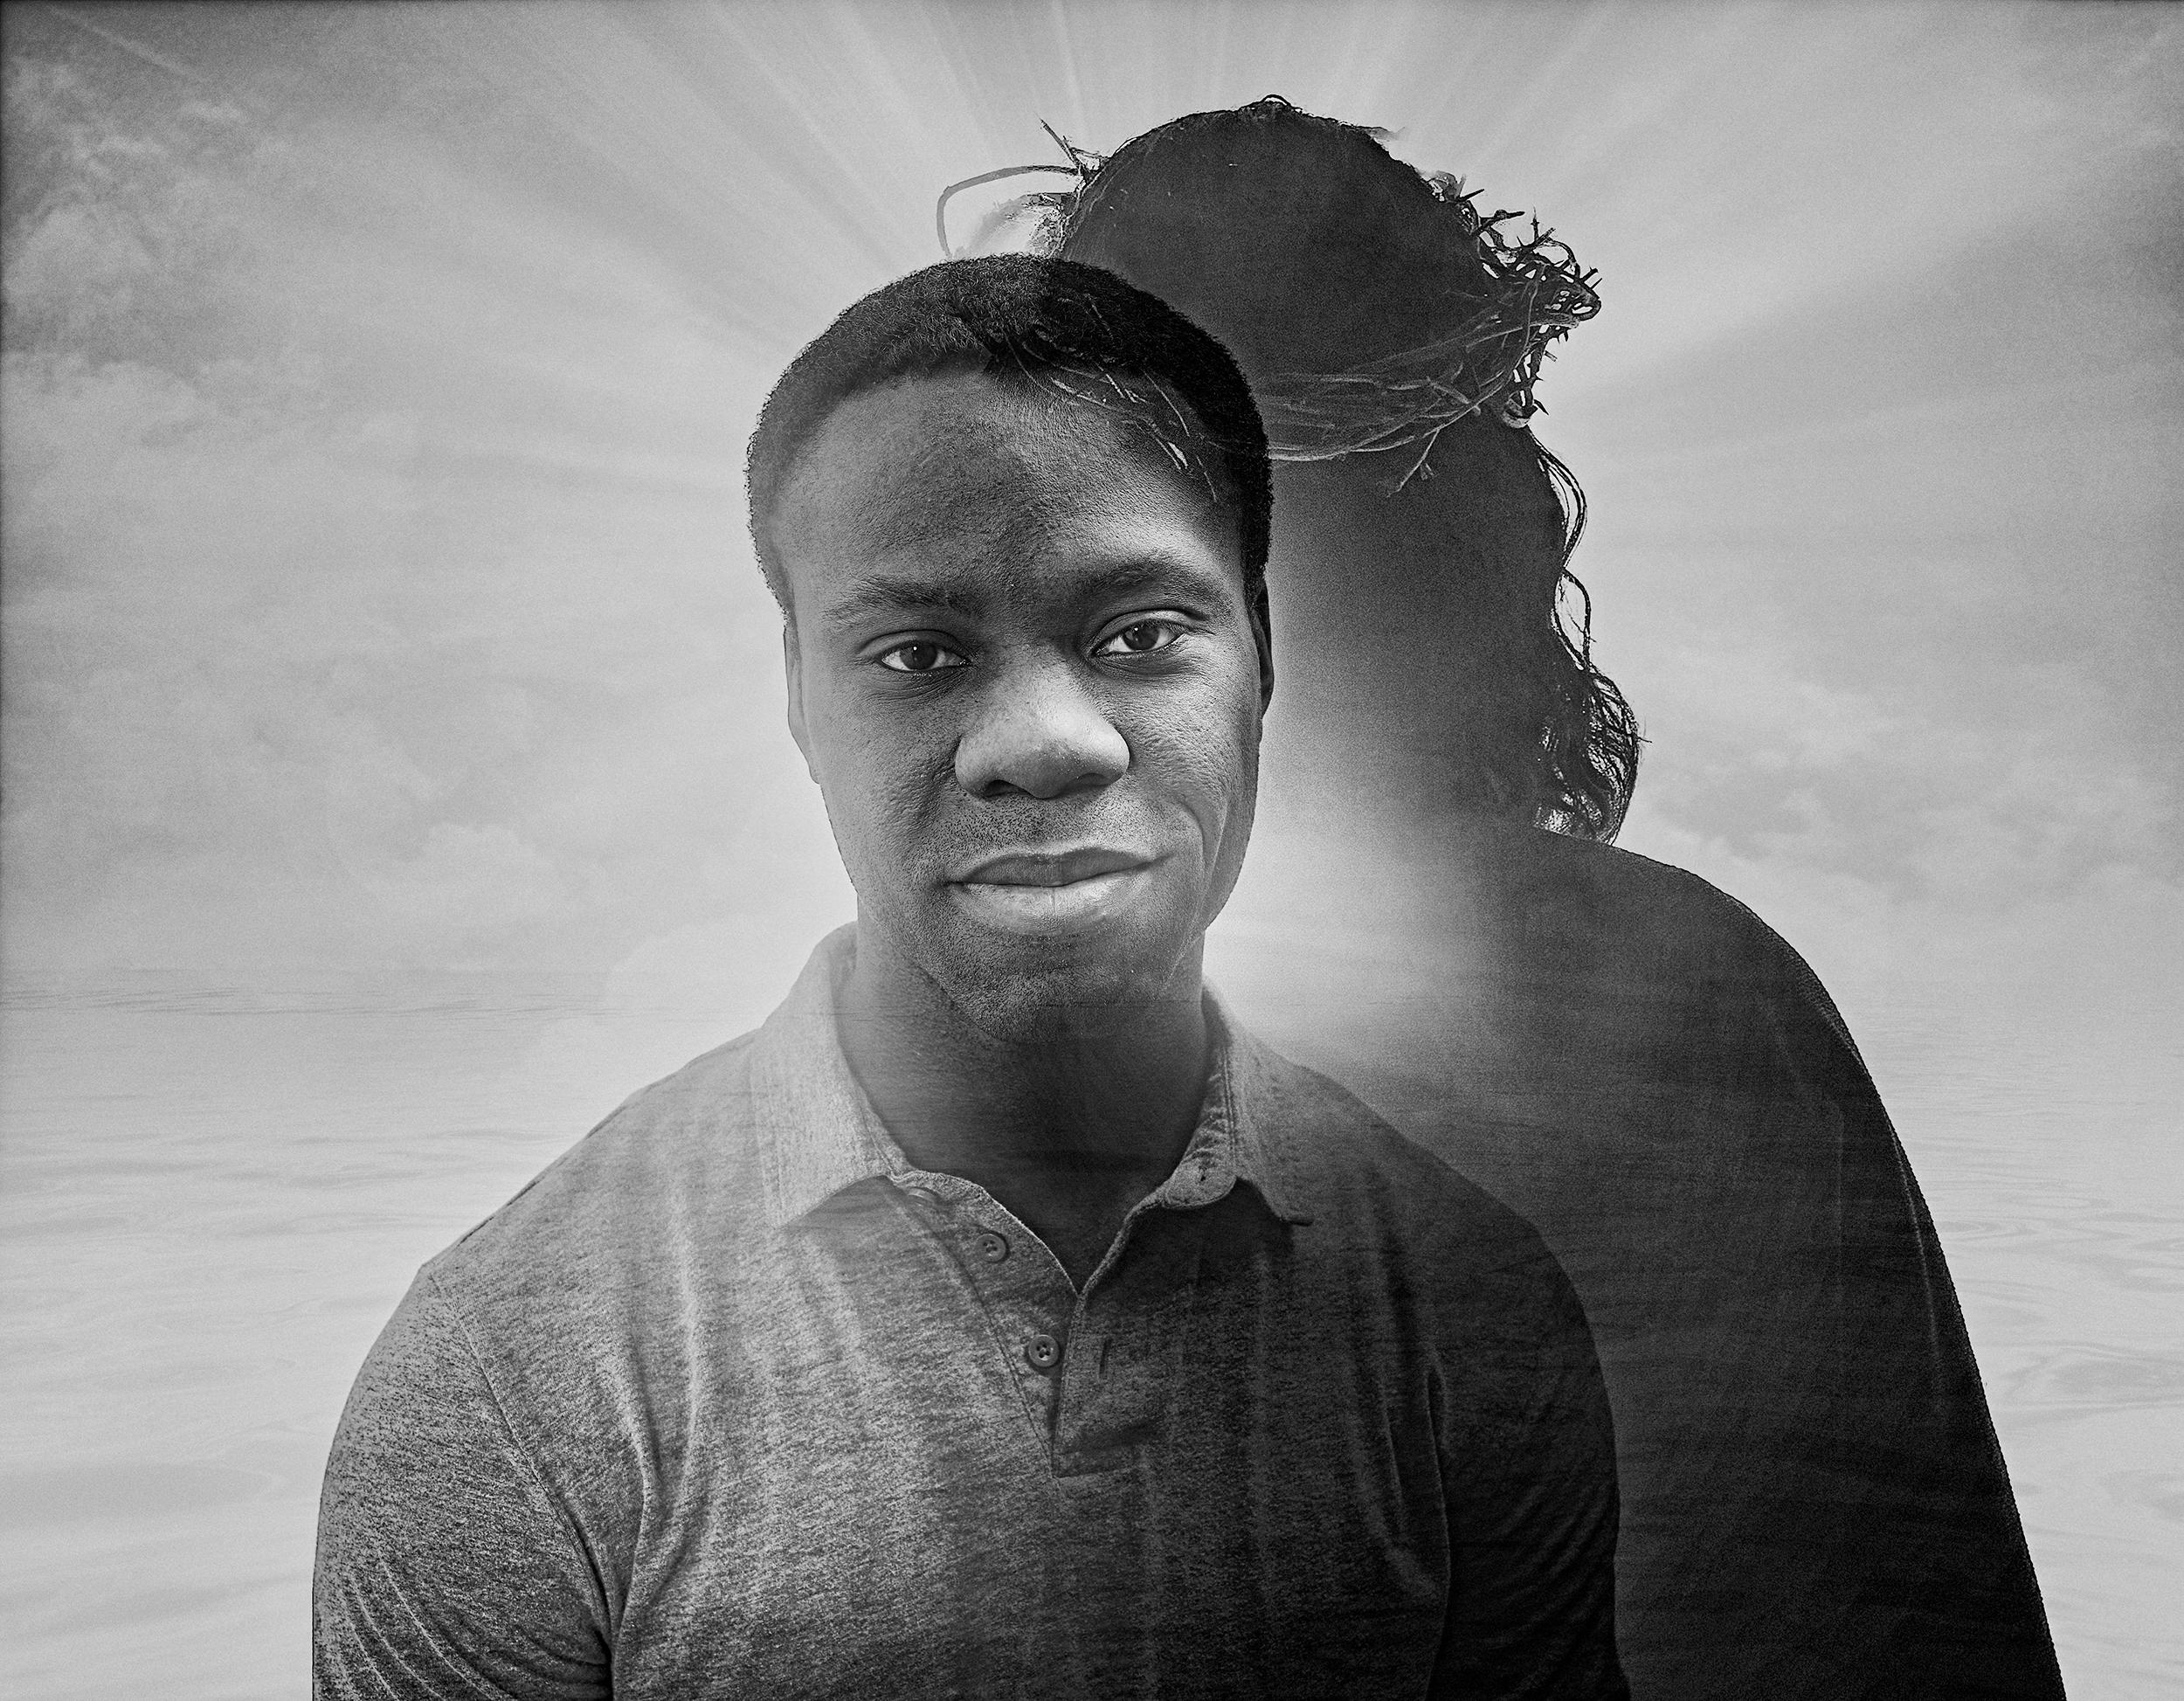 Man and Christ